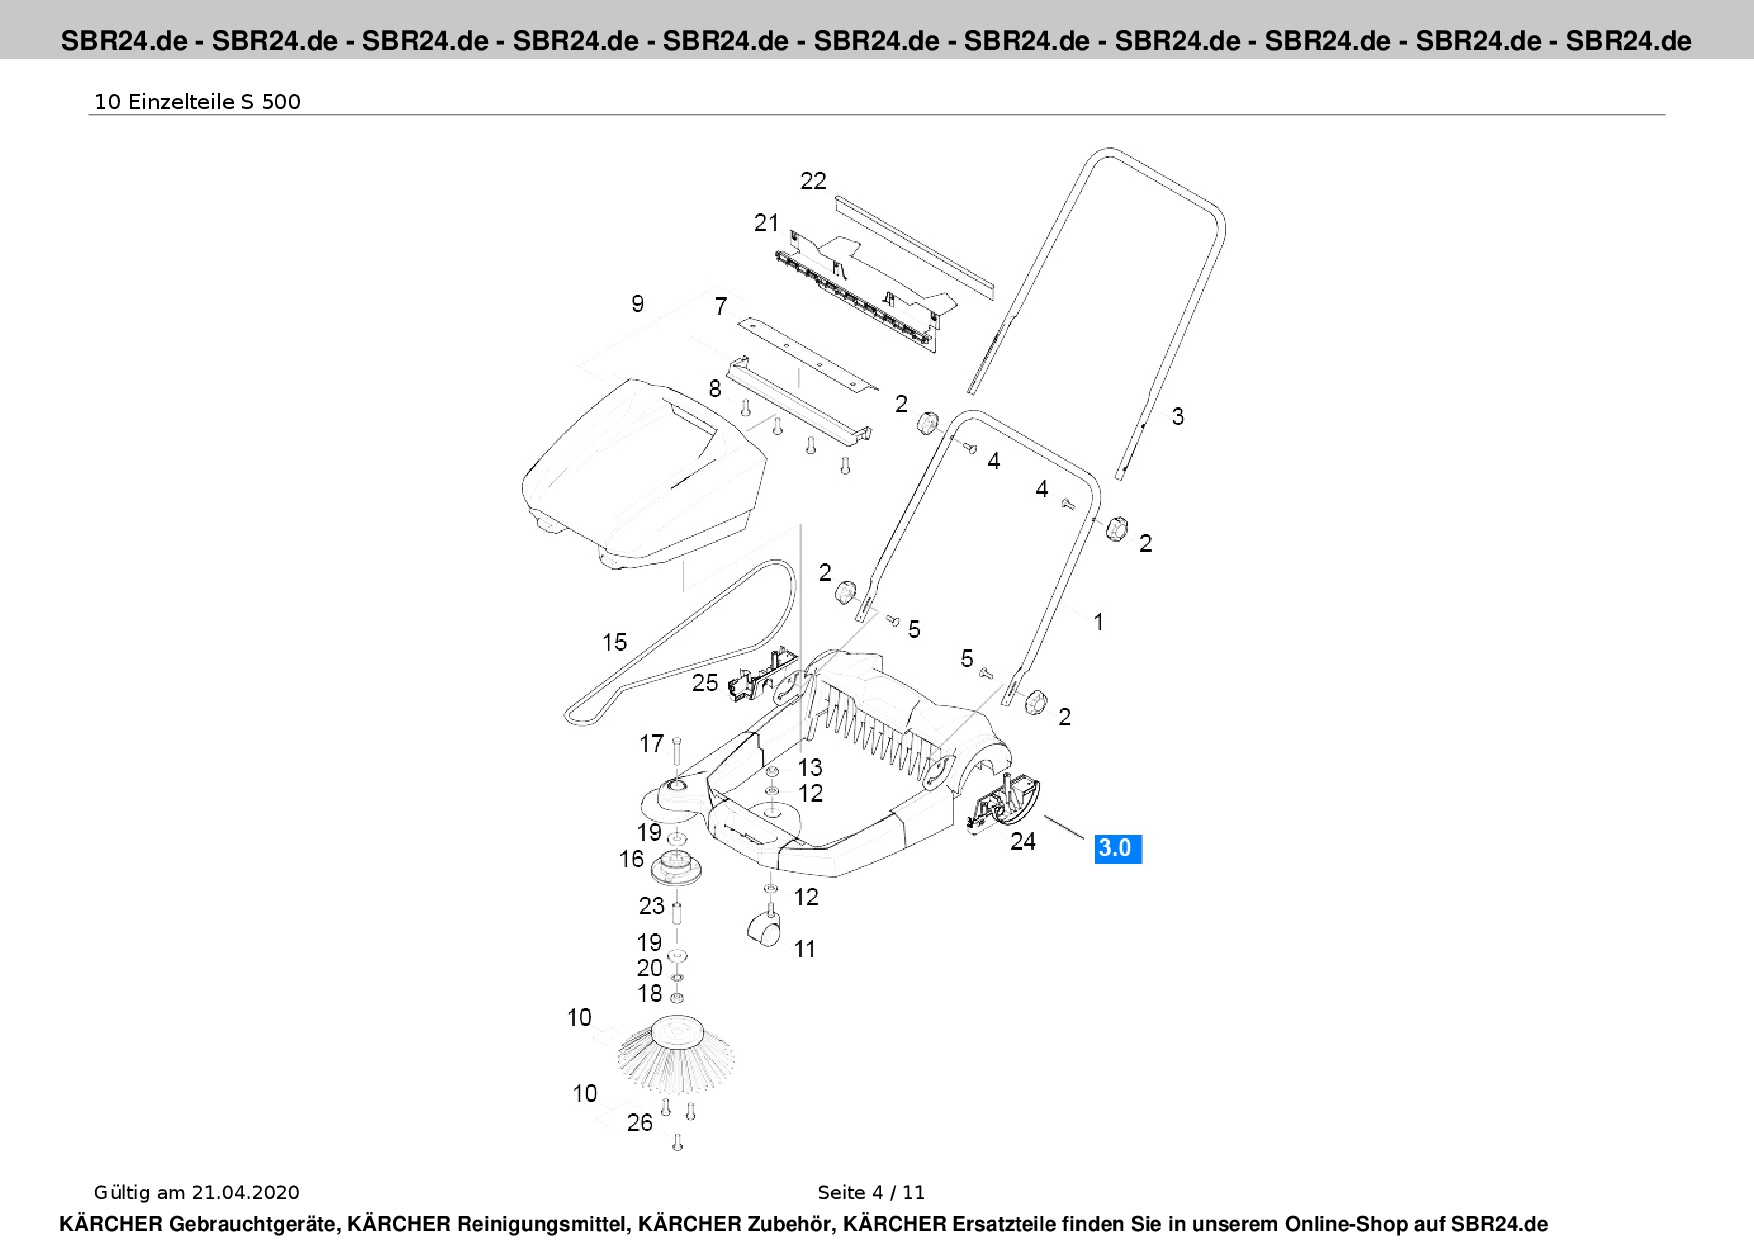 SBR24.de_5.970-625.0_ETL_S_500_-_S_550_-_S_650-004.jpg